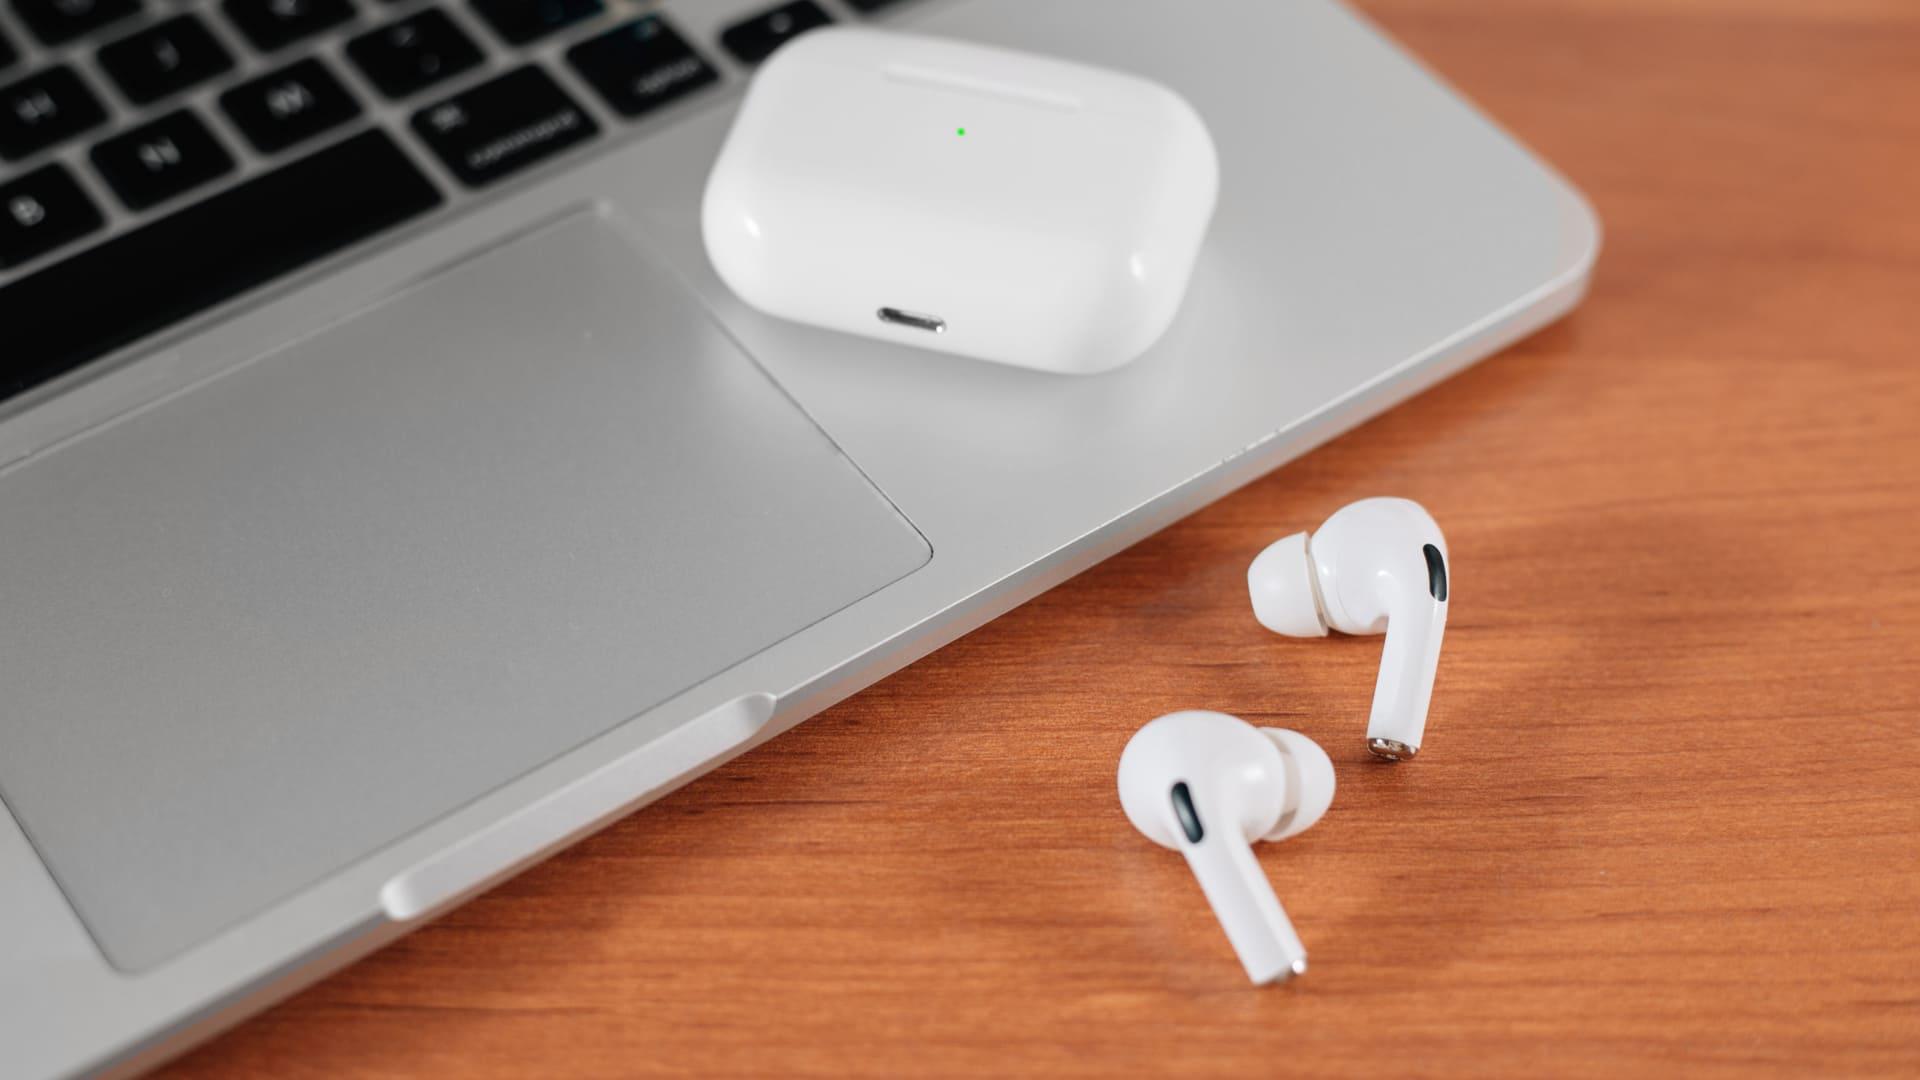 Os AirPods Pro se conectam apenas com dispositivos da Apple. (Foto: Shutterstock)